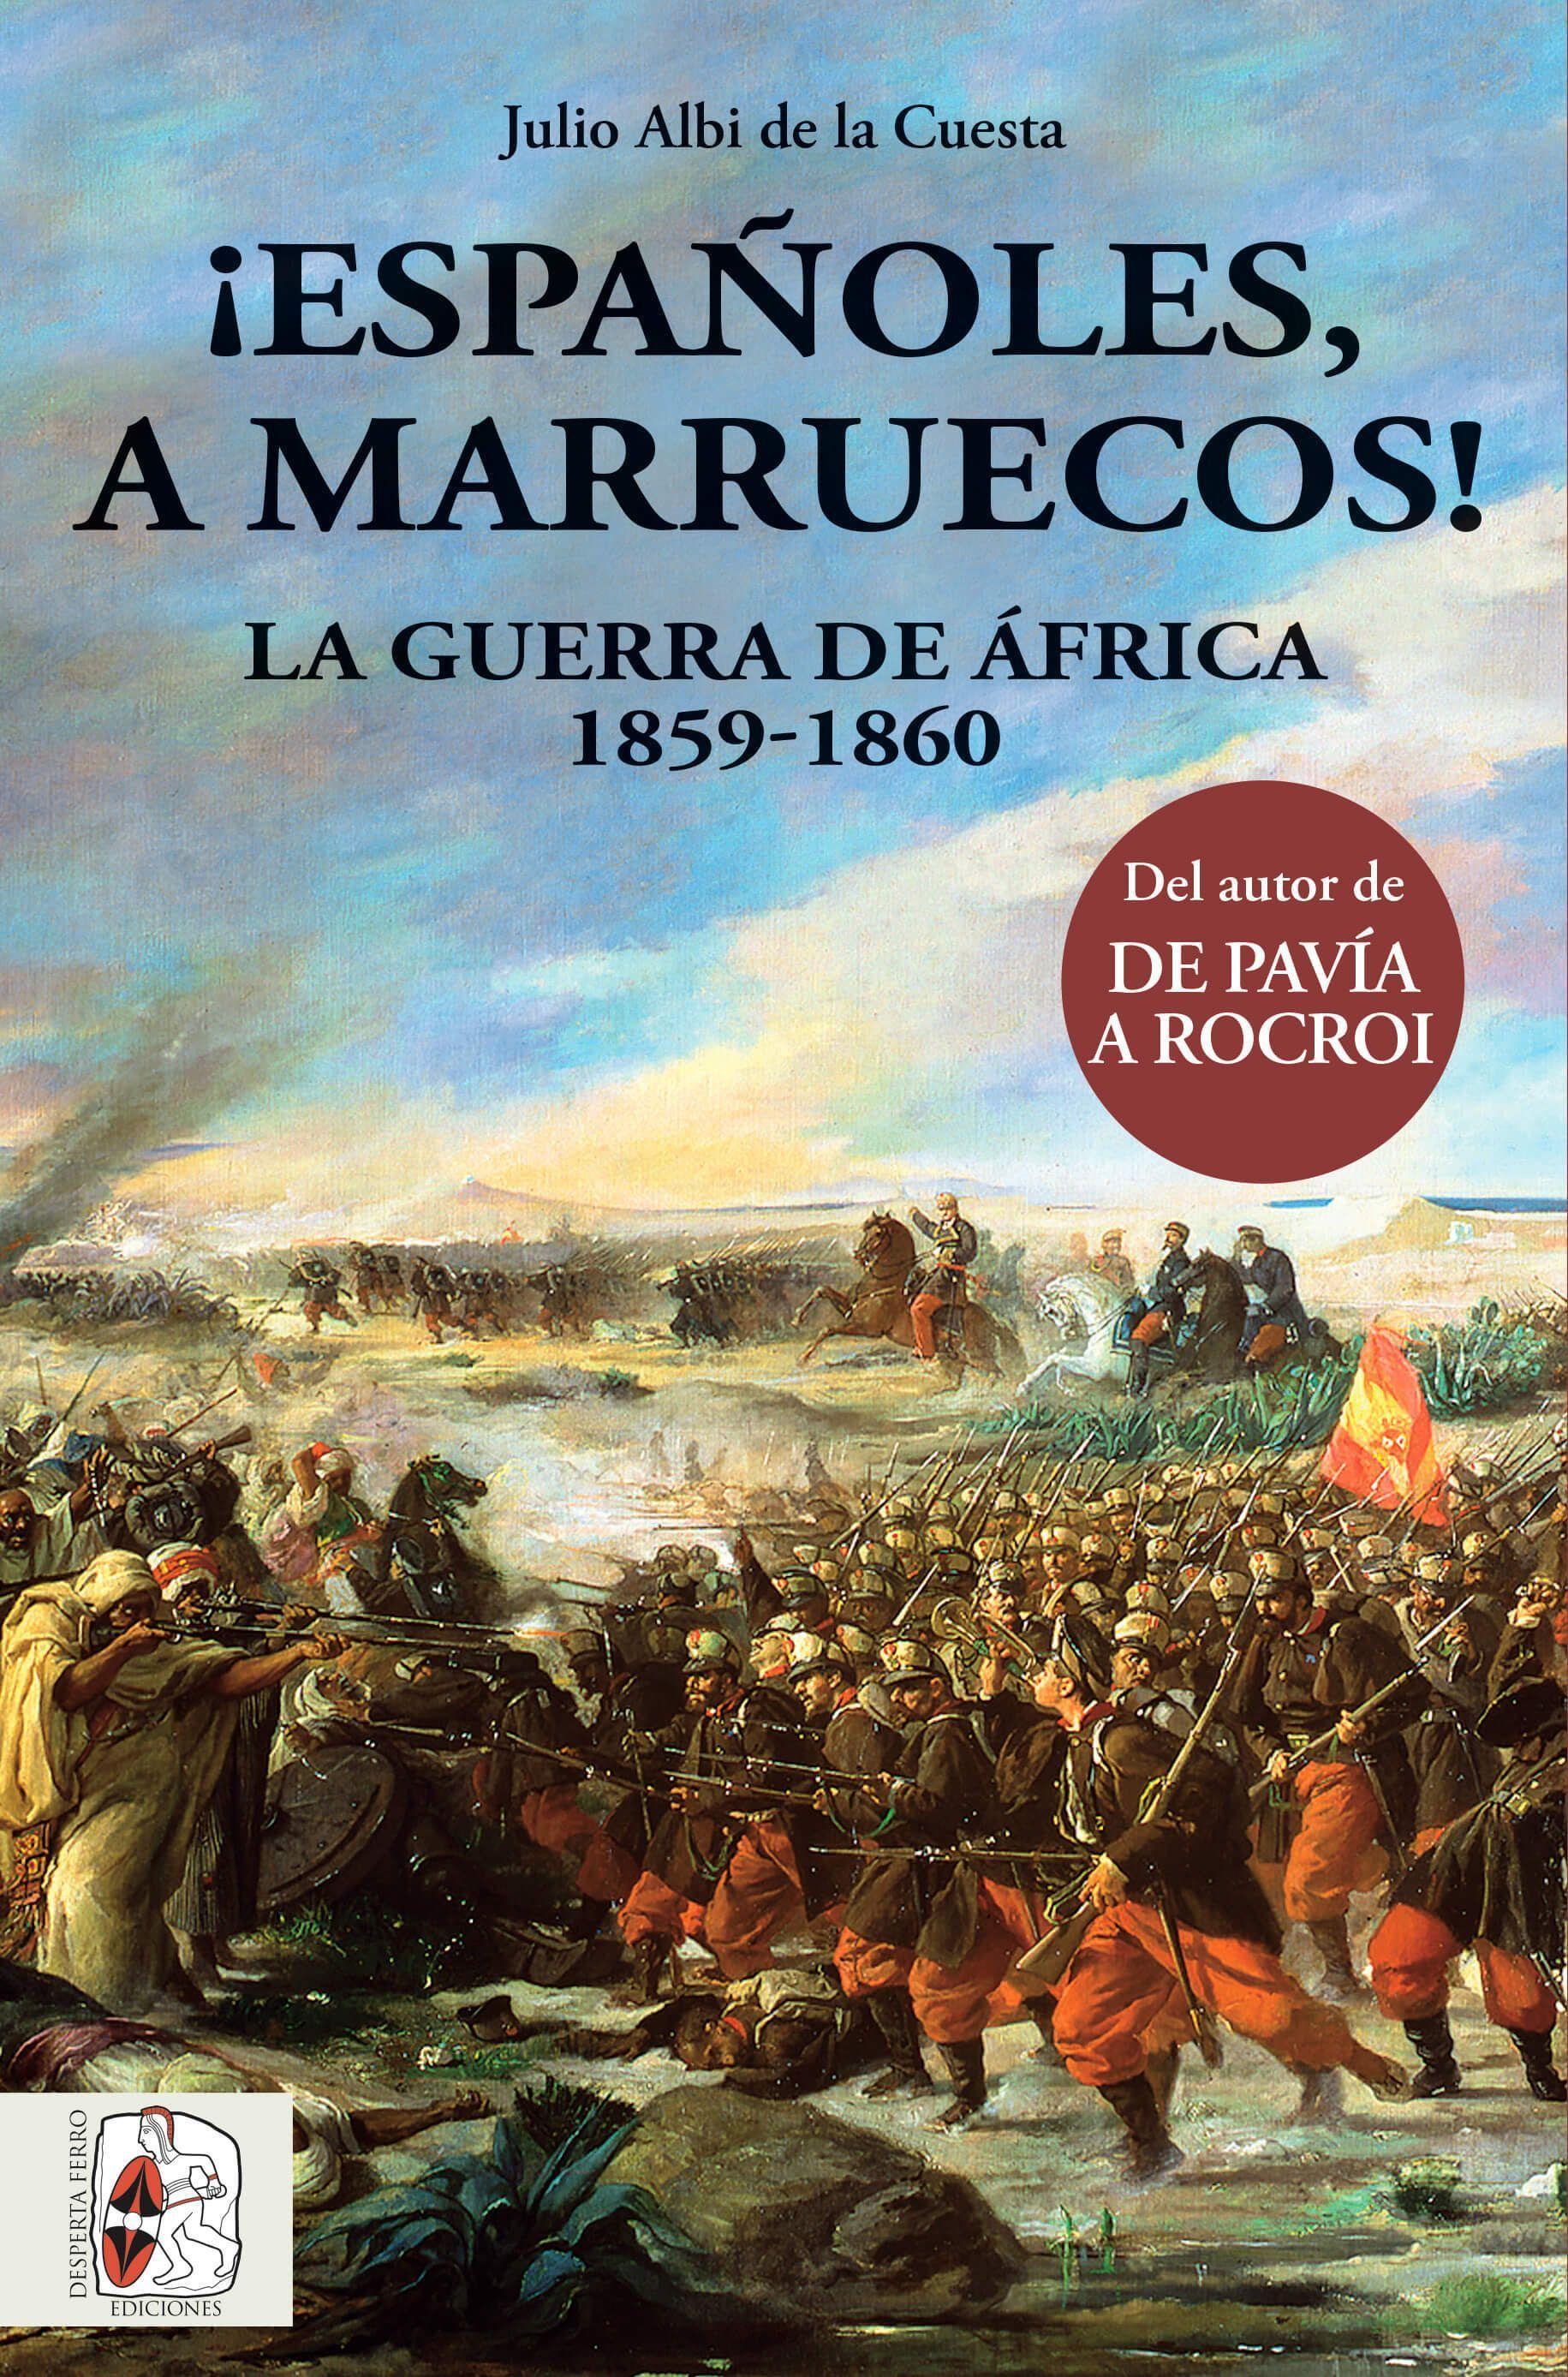 ¡Españoles, a Marruecos! La Guerra de África 1859-1860, Julio Albi de la Cuesta